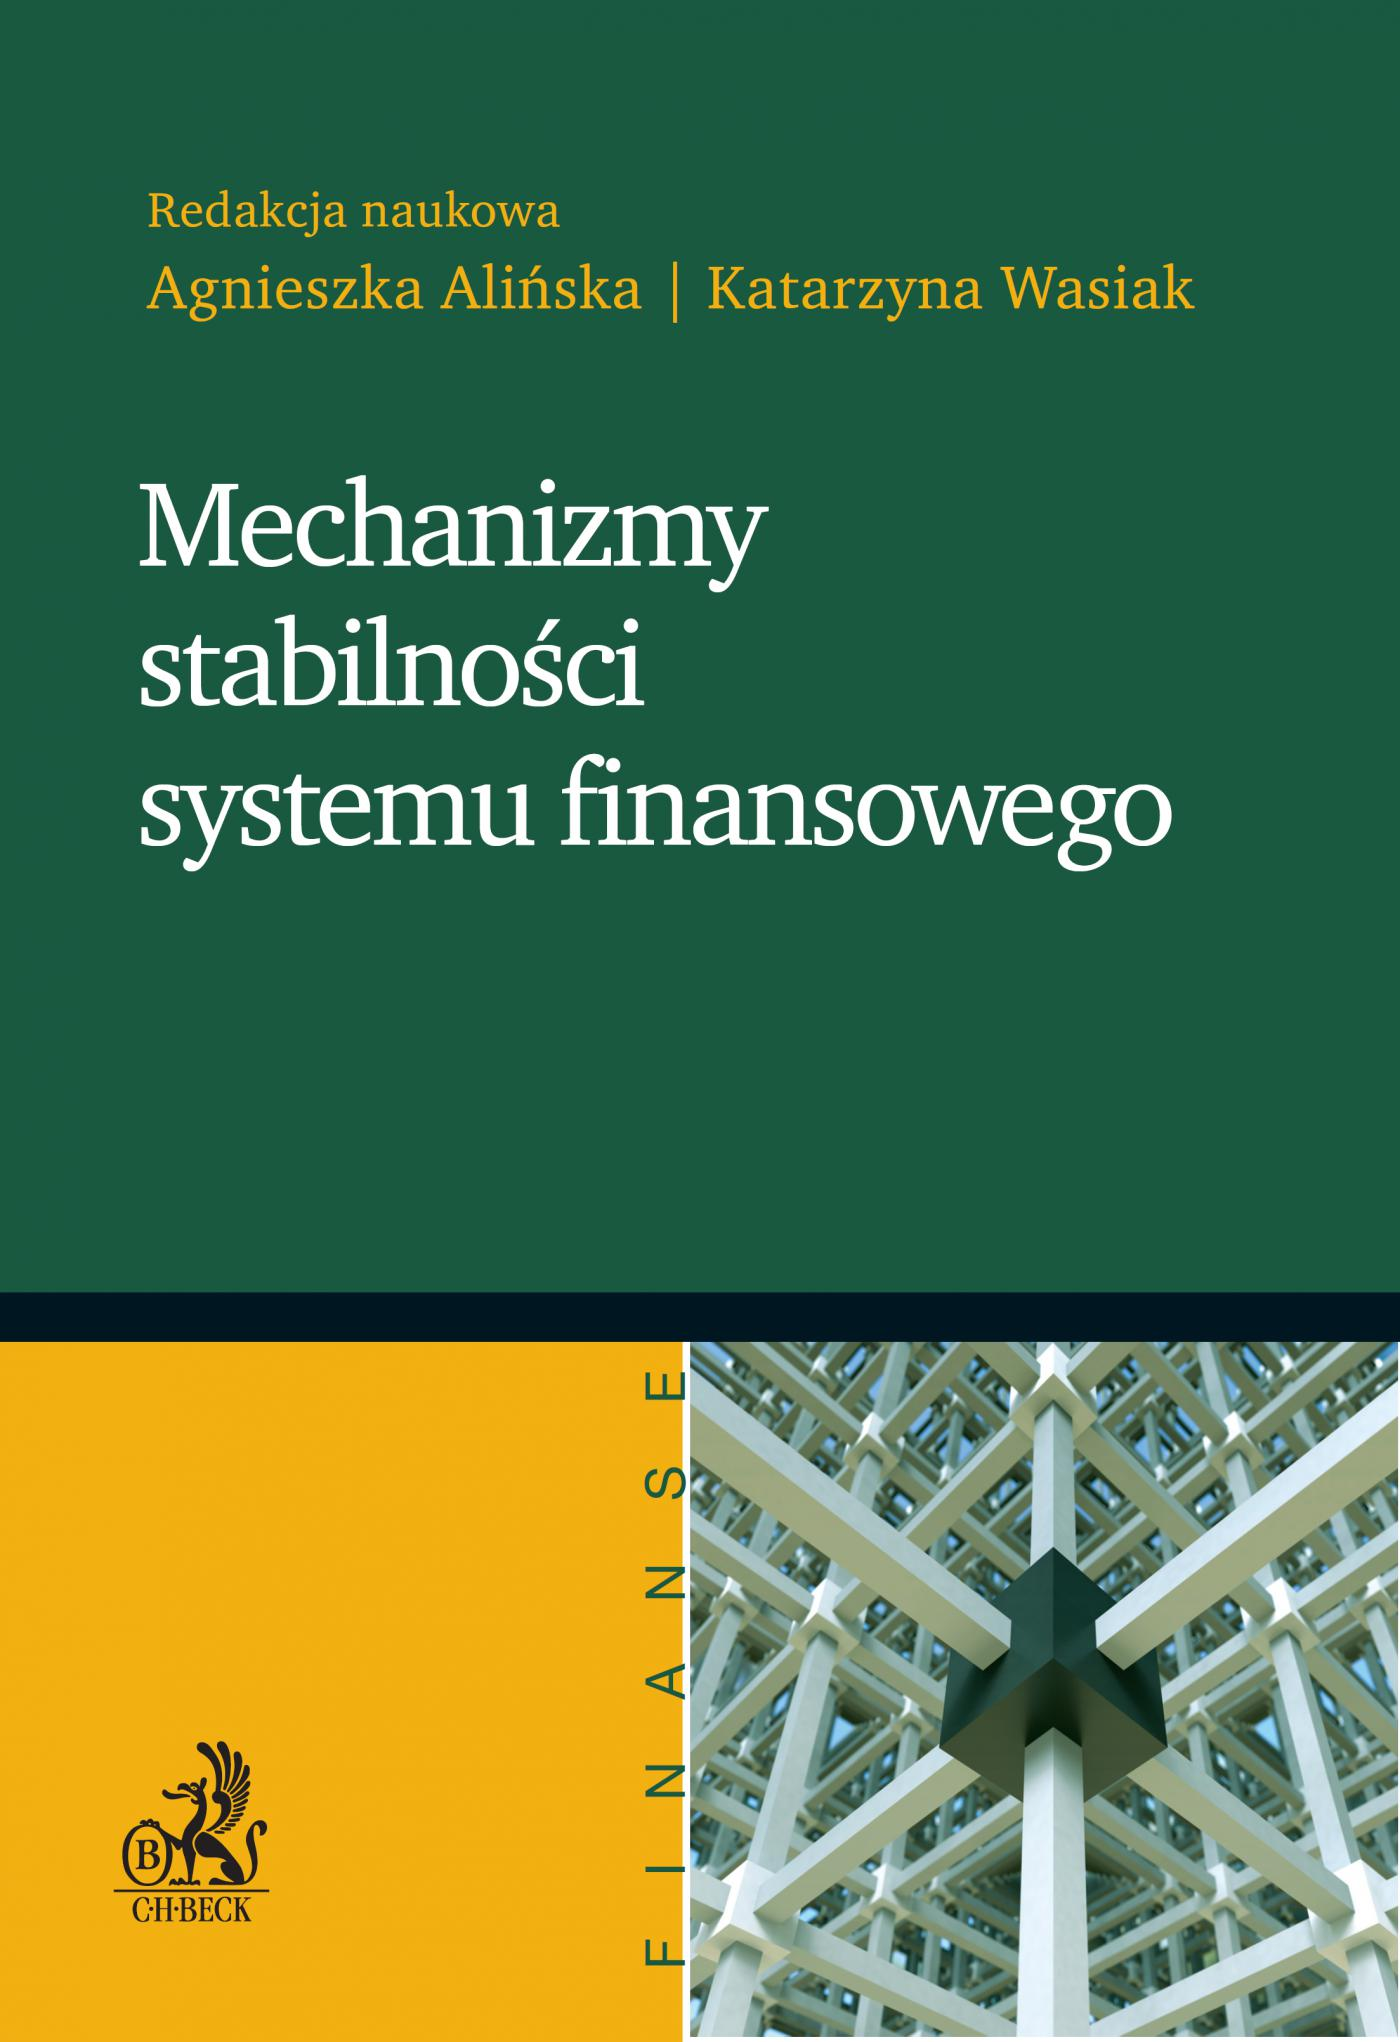 Mechanizmy stabilności systemu finansowego - Ebook (Książka PDF) do pobrania w formacie PDF